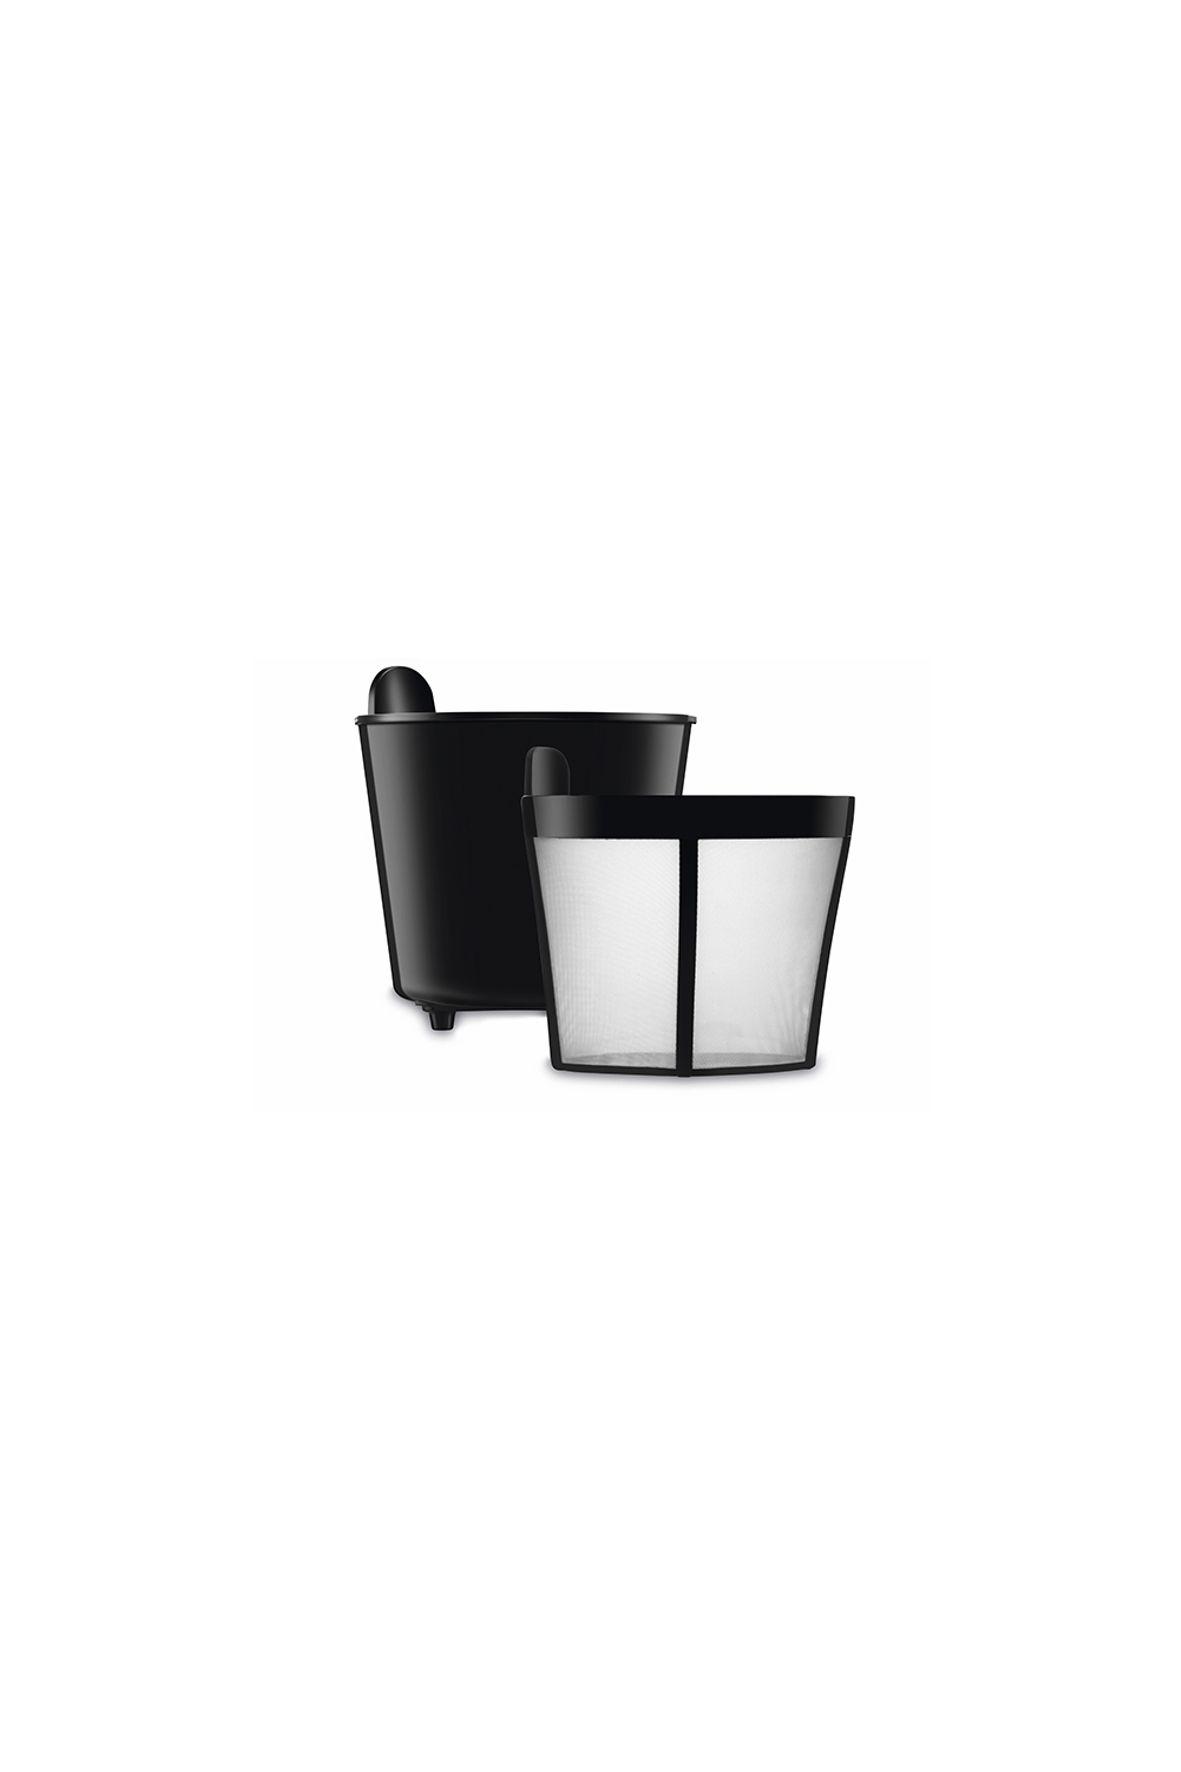 CAFETEIRA SMART COFFE C-42 BI 127V 60HZ 2X PRETA 4992-01 MONDIAL